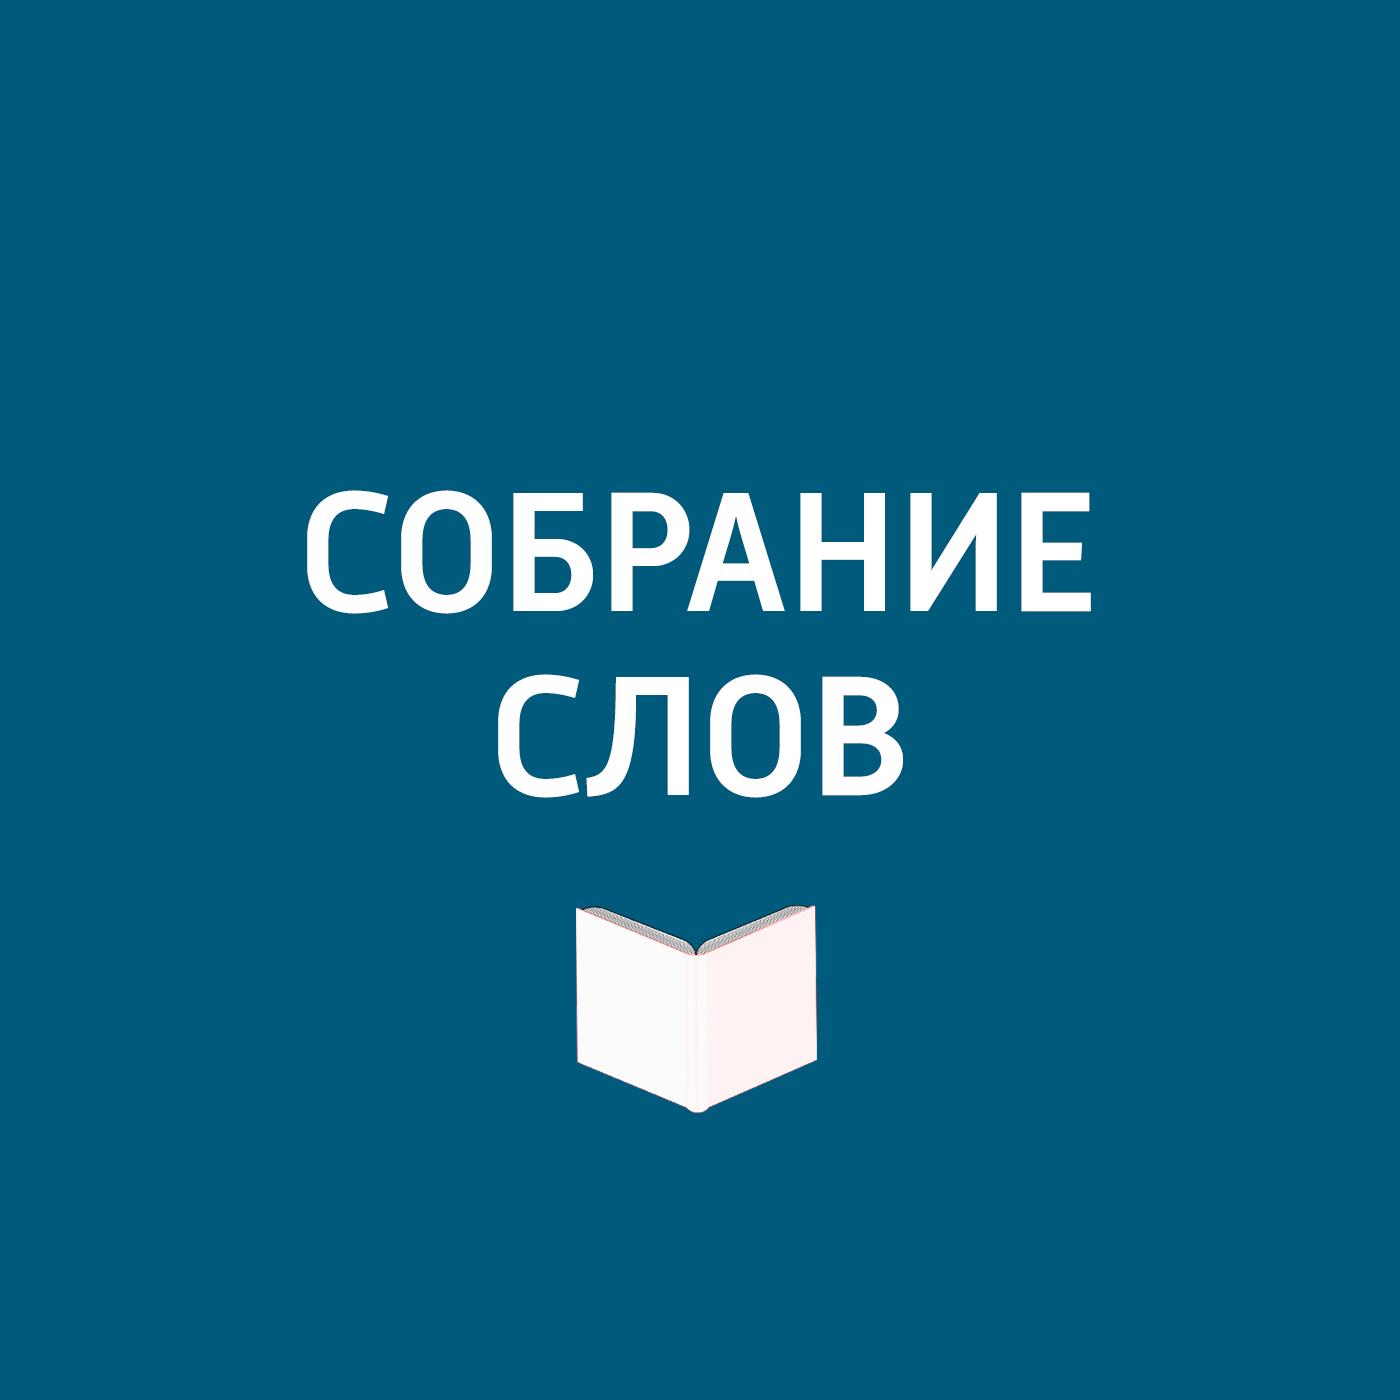 Творческий коллектив программы «Собрание слов» Выставка «Жены» в Музее русского импрессионизма шедевры импрессионизма